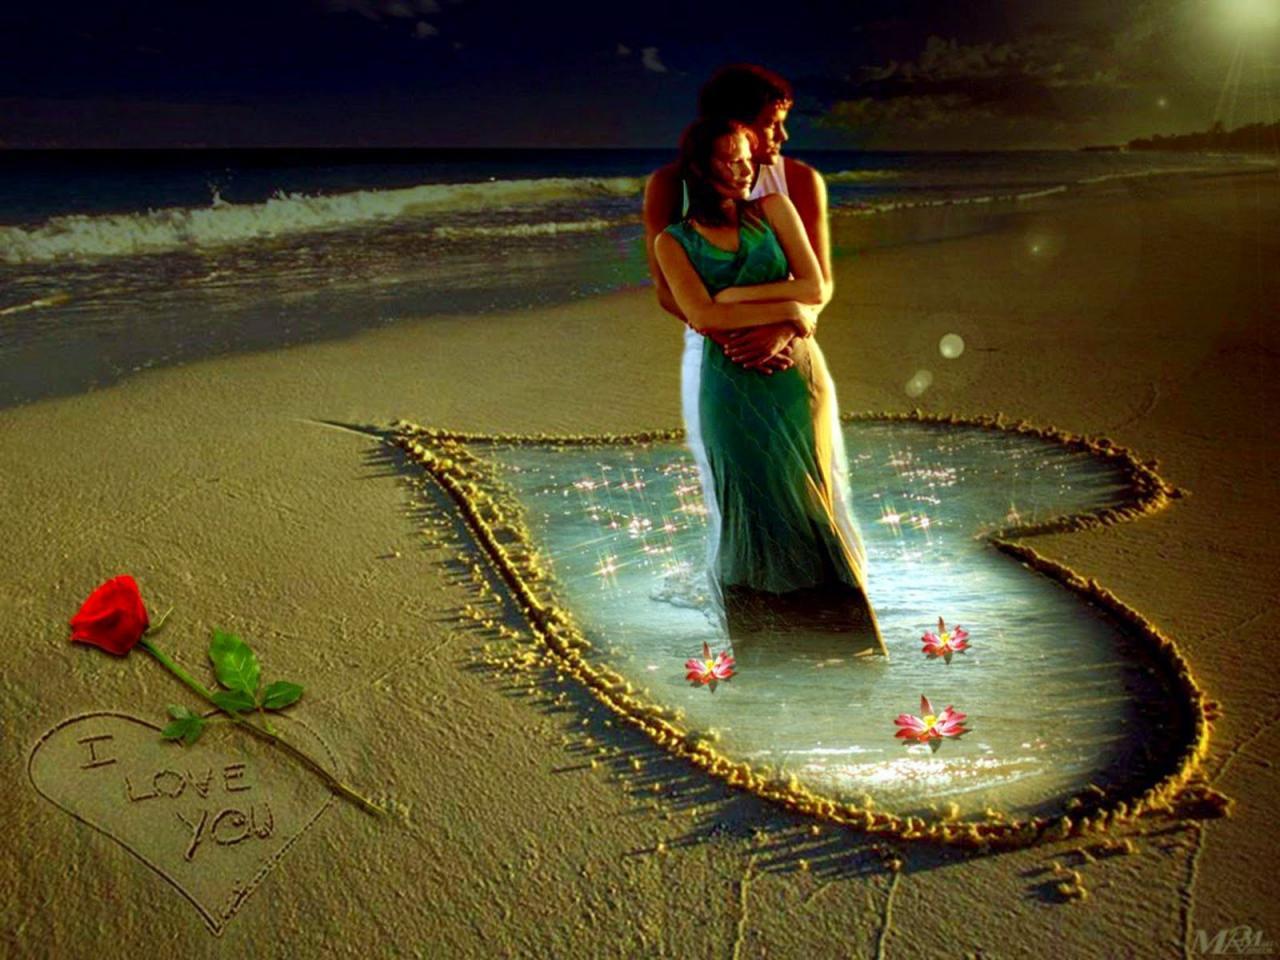 صورة احلى و اجمل صور , صور تريح قلب الانسان عندما يراها